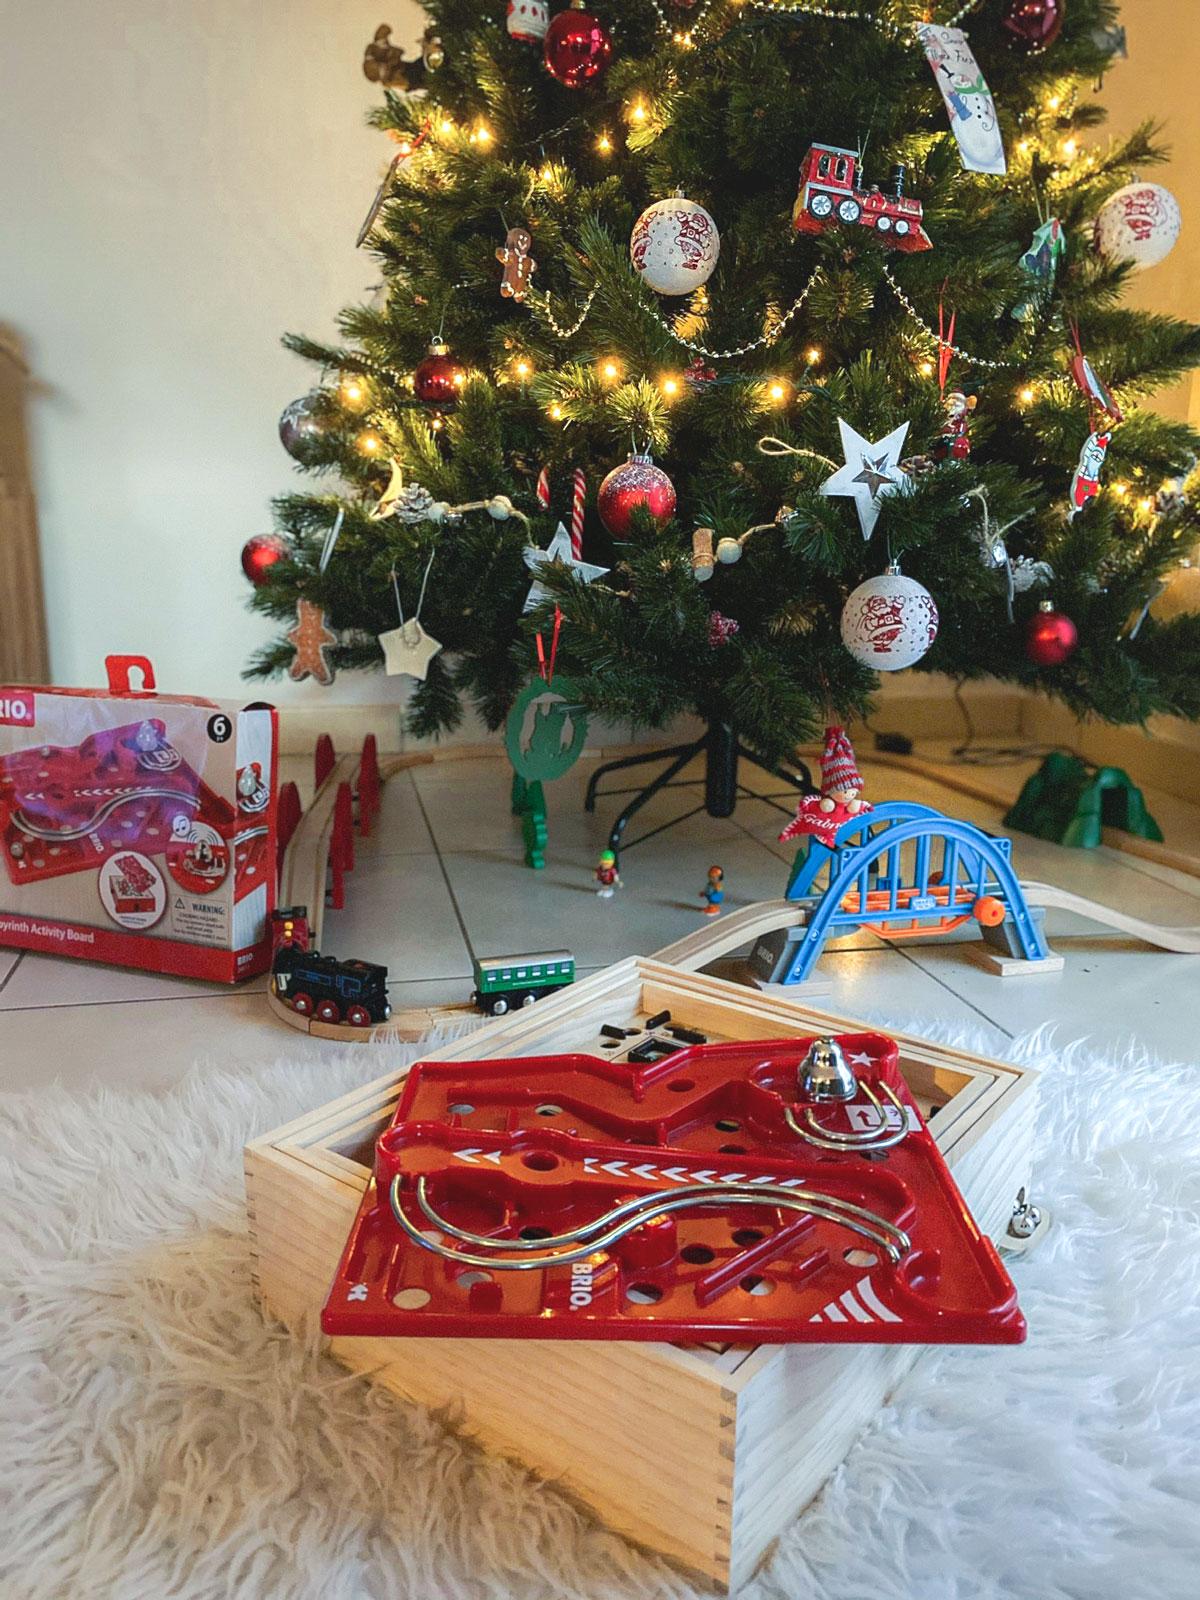 Test du jeu de labyrinthe Brio idée cadeau pour les enfants e 6 ans et plus